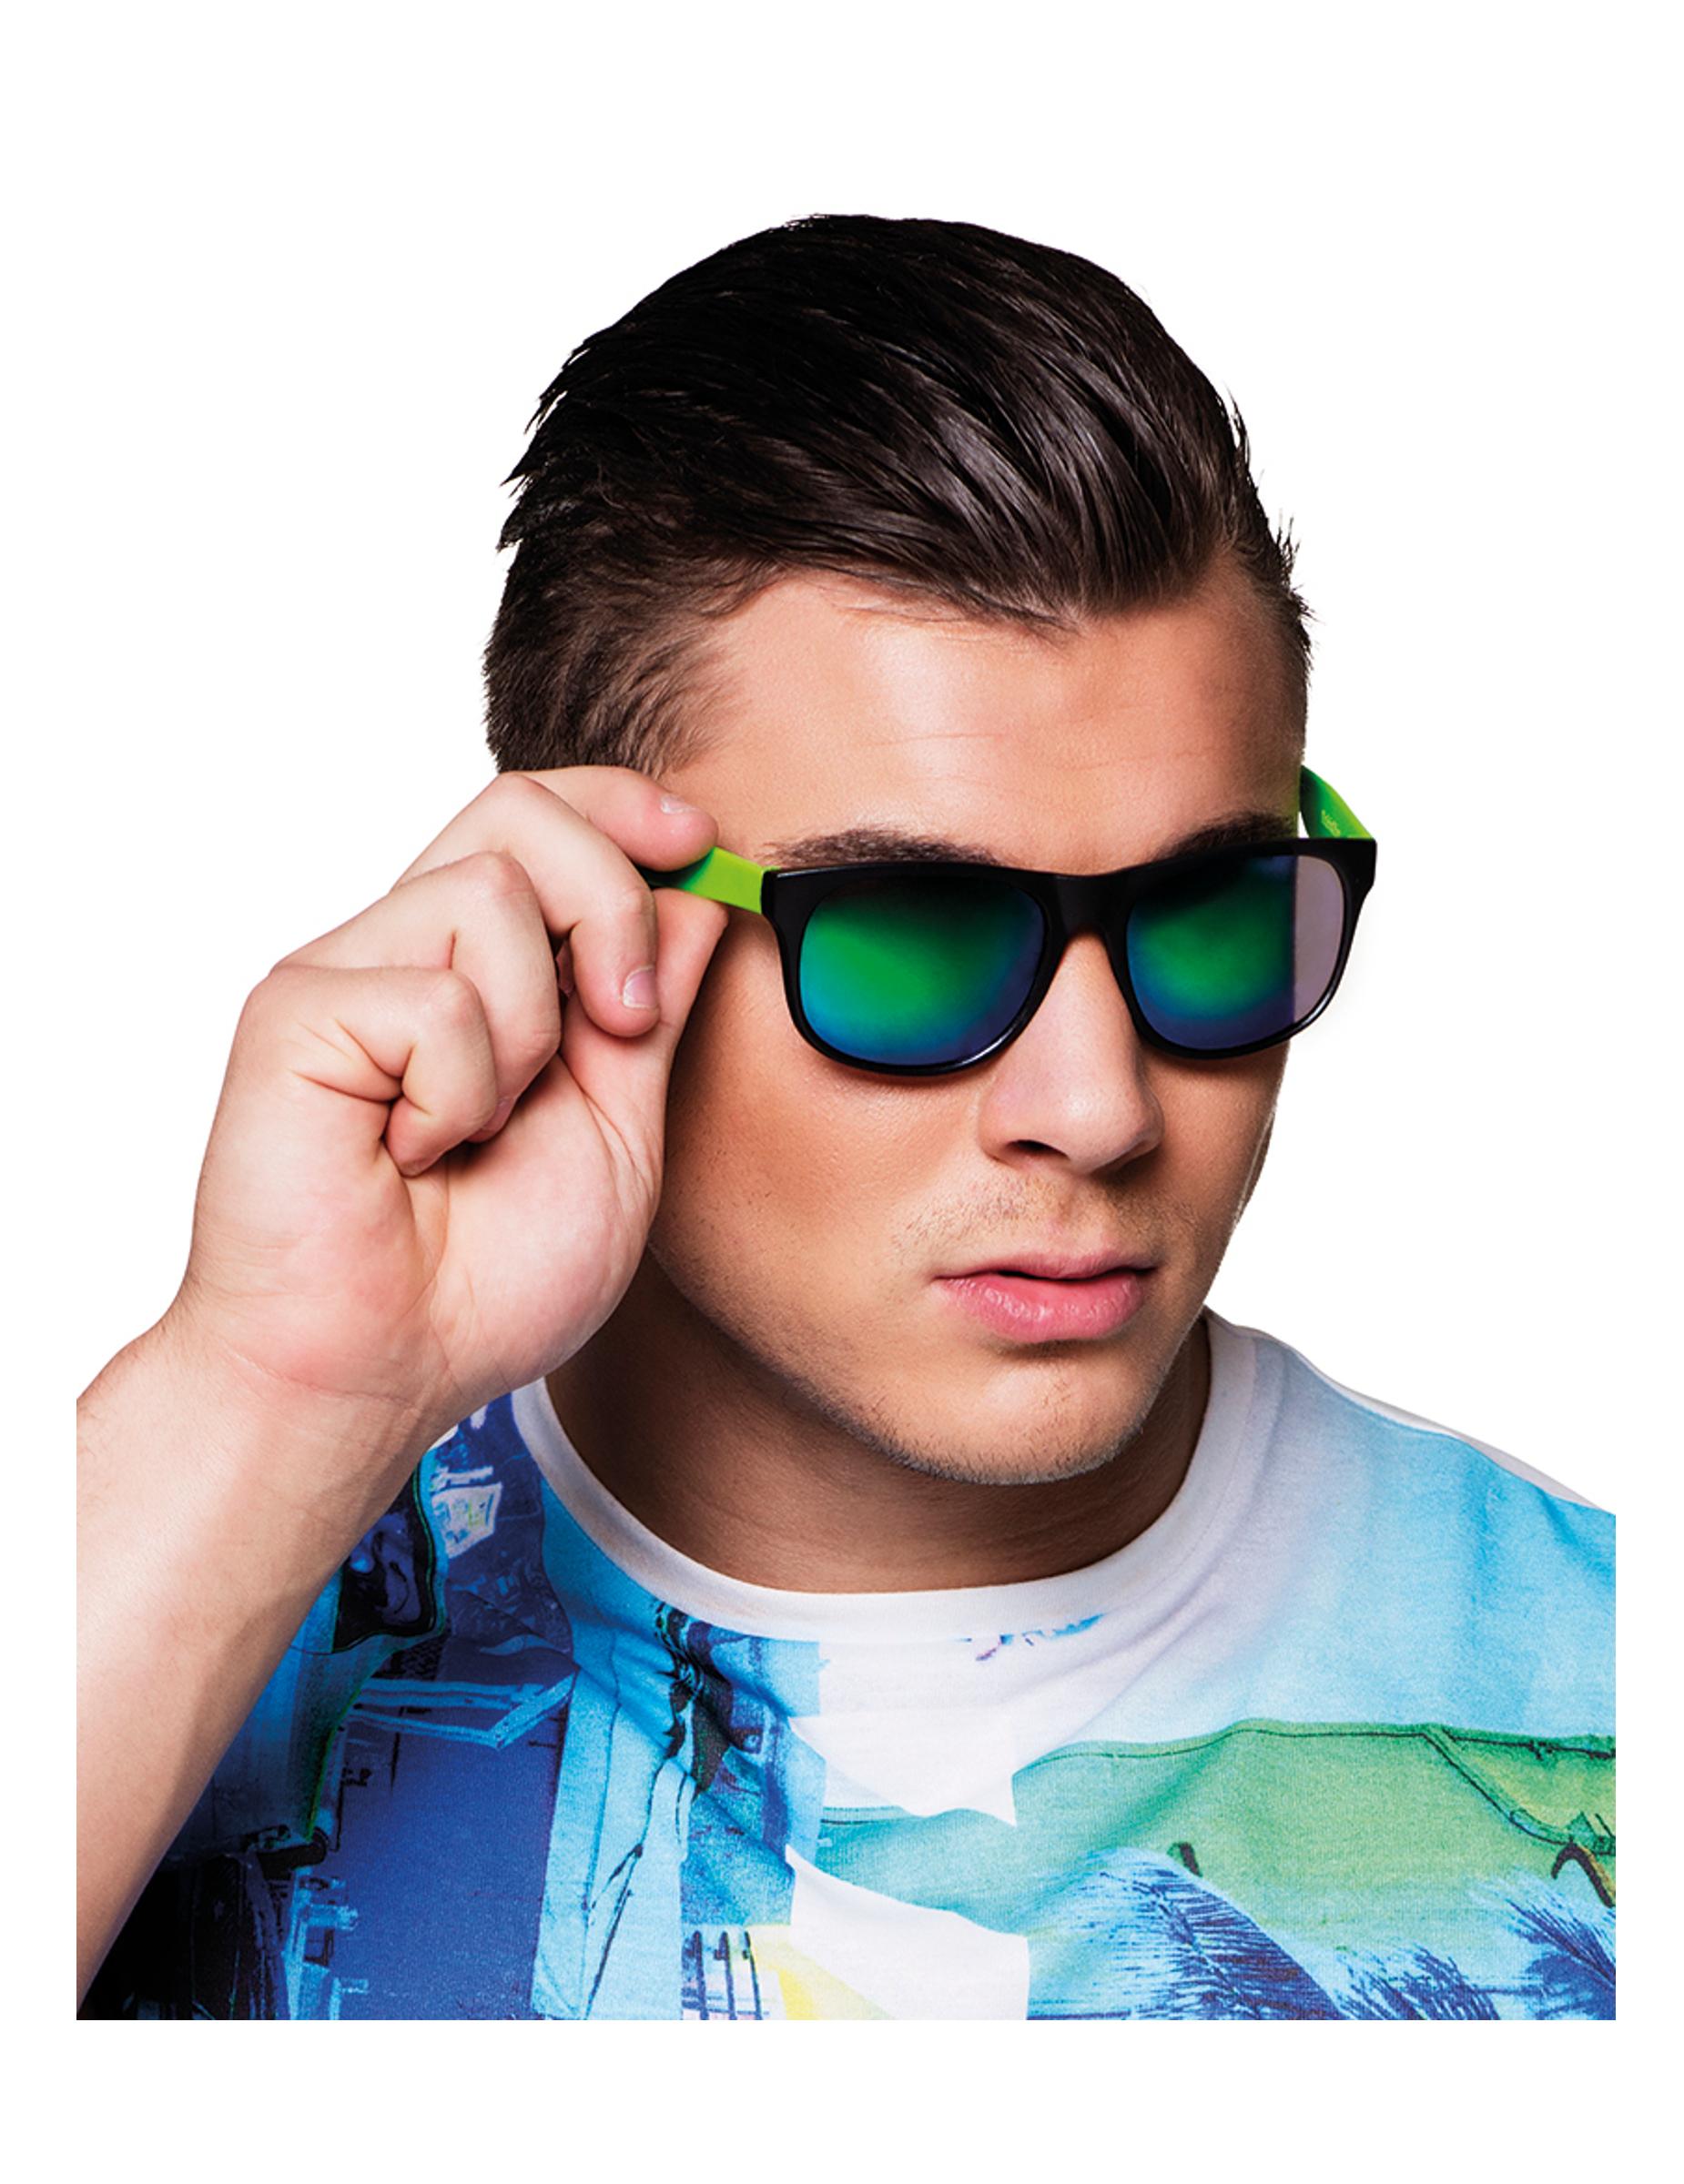 Occhiali a specchio colorati per adulto accessori e vestiti di carnevale online vegaoo - Occhiali per truccarsi allo specchio ...